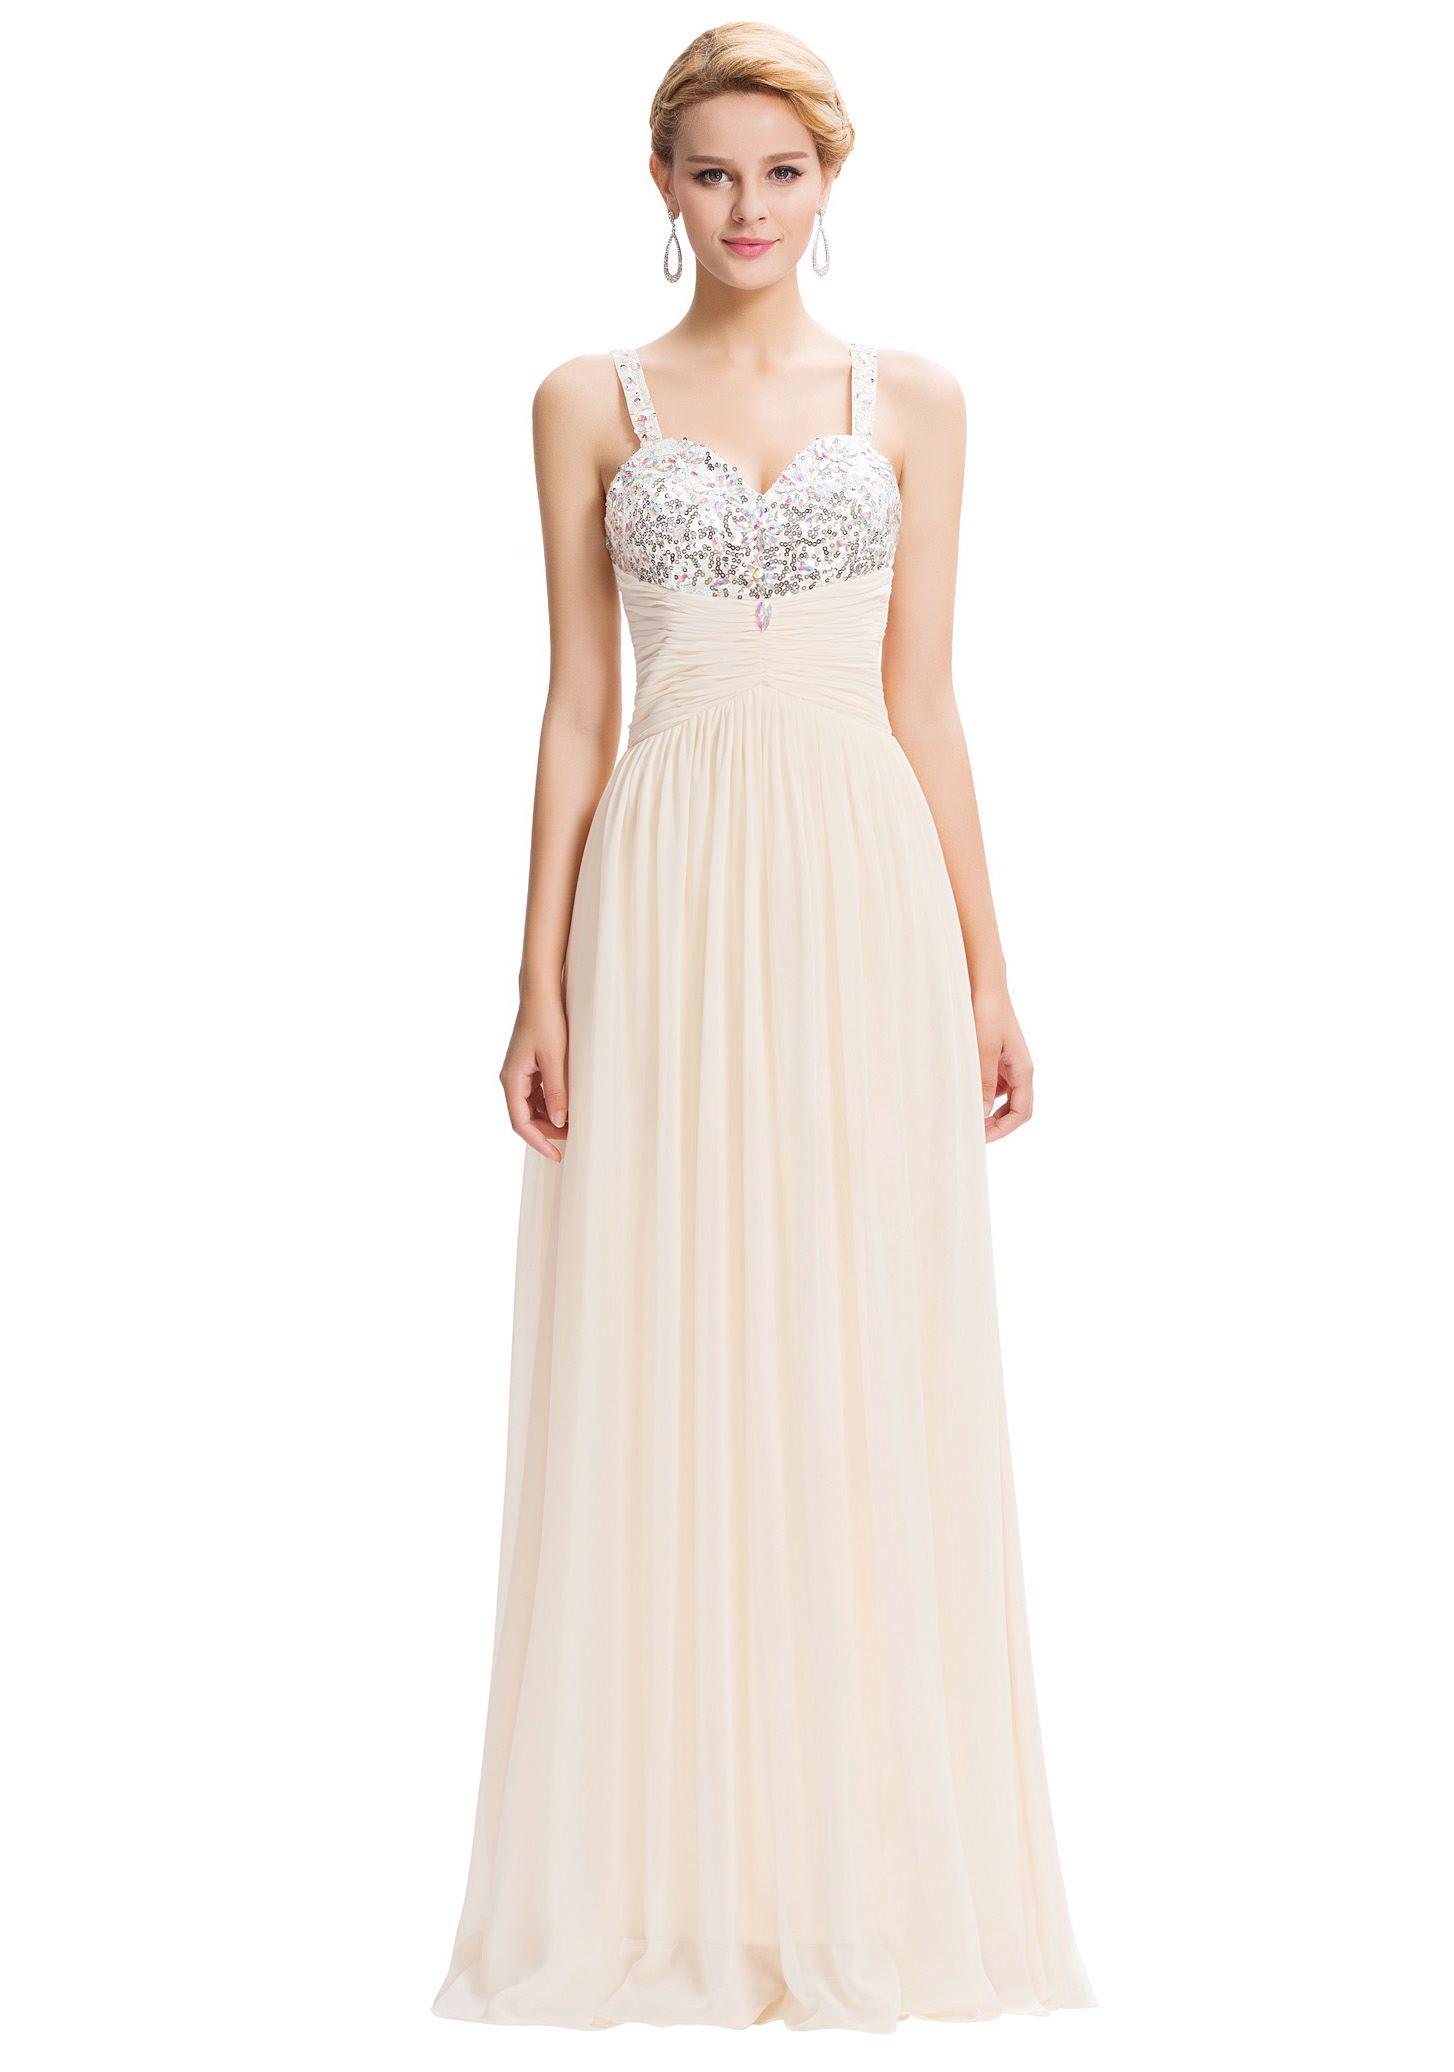 Bodenlanges Träger-Abendkleid in Creme-Beige  Abendkleid, Kleider